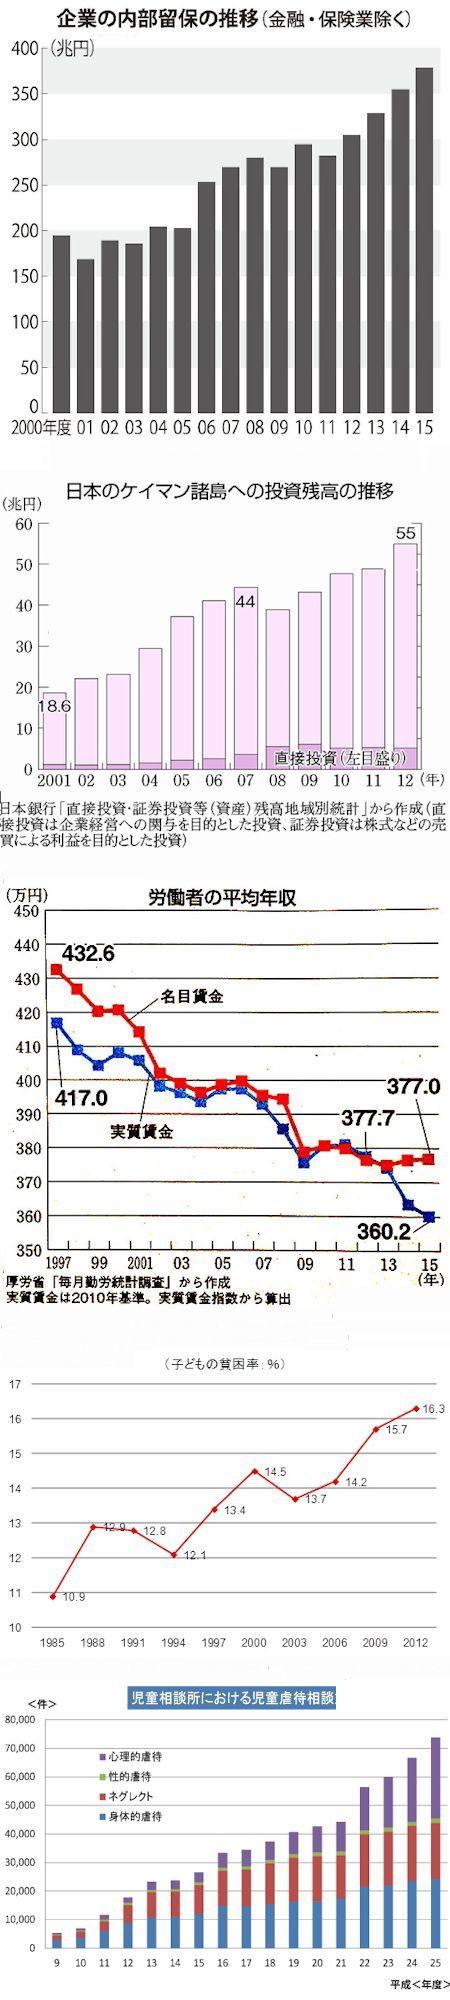 戦後日本の中間層システムを憎悪する小熊英二 - 朝日新聞の説教3連発_c0315619_16445419.jpg